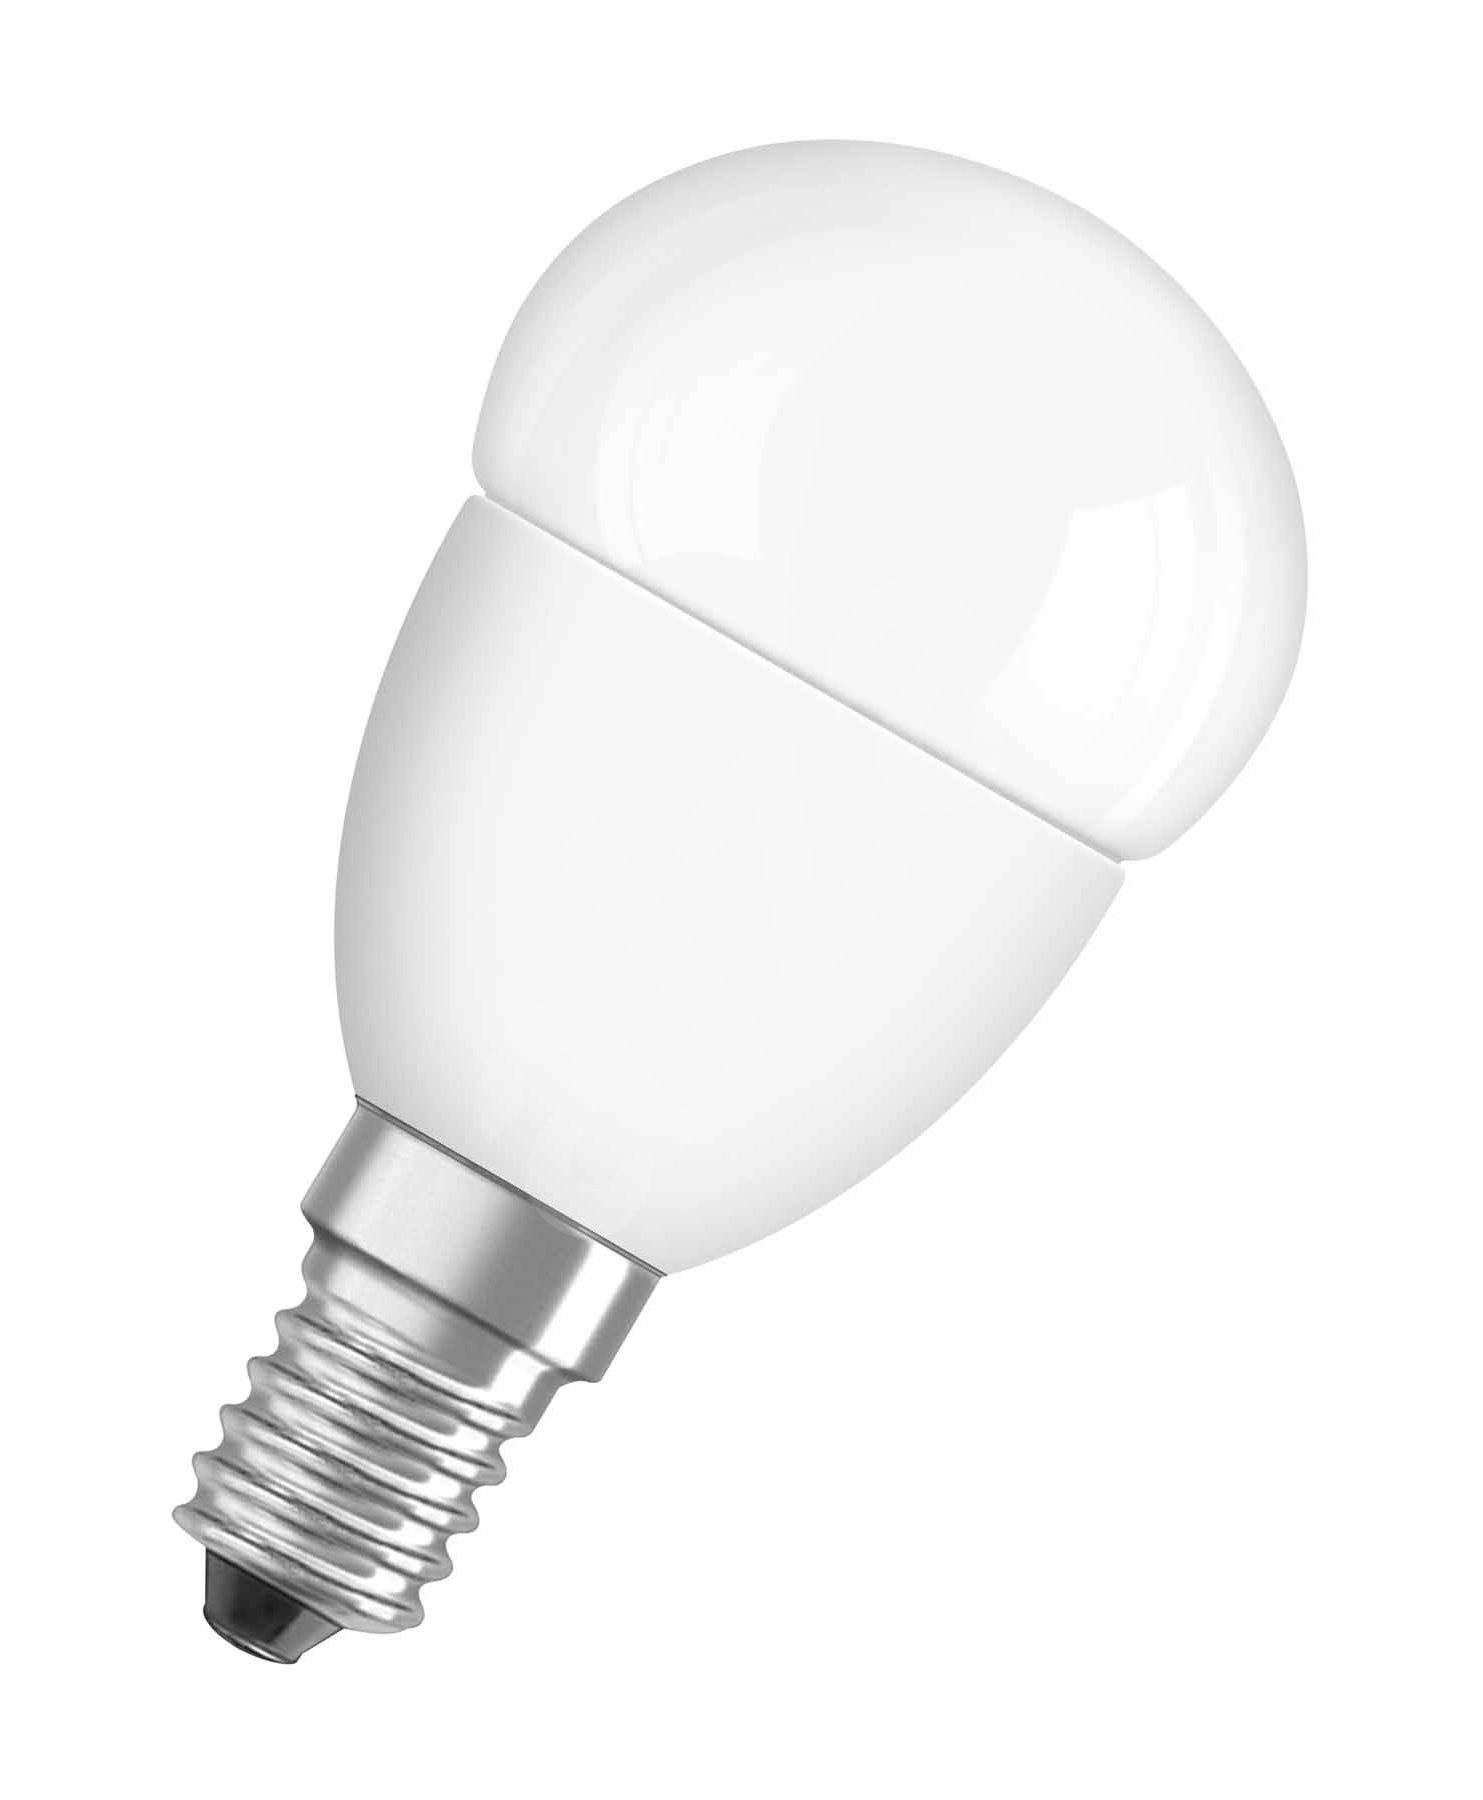 osram led superstar 5 4w e14 led bulb. Black Bedroom Furniture Sets. Home Design Ideas